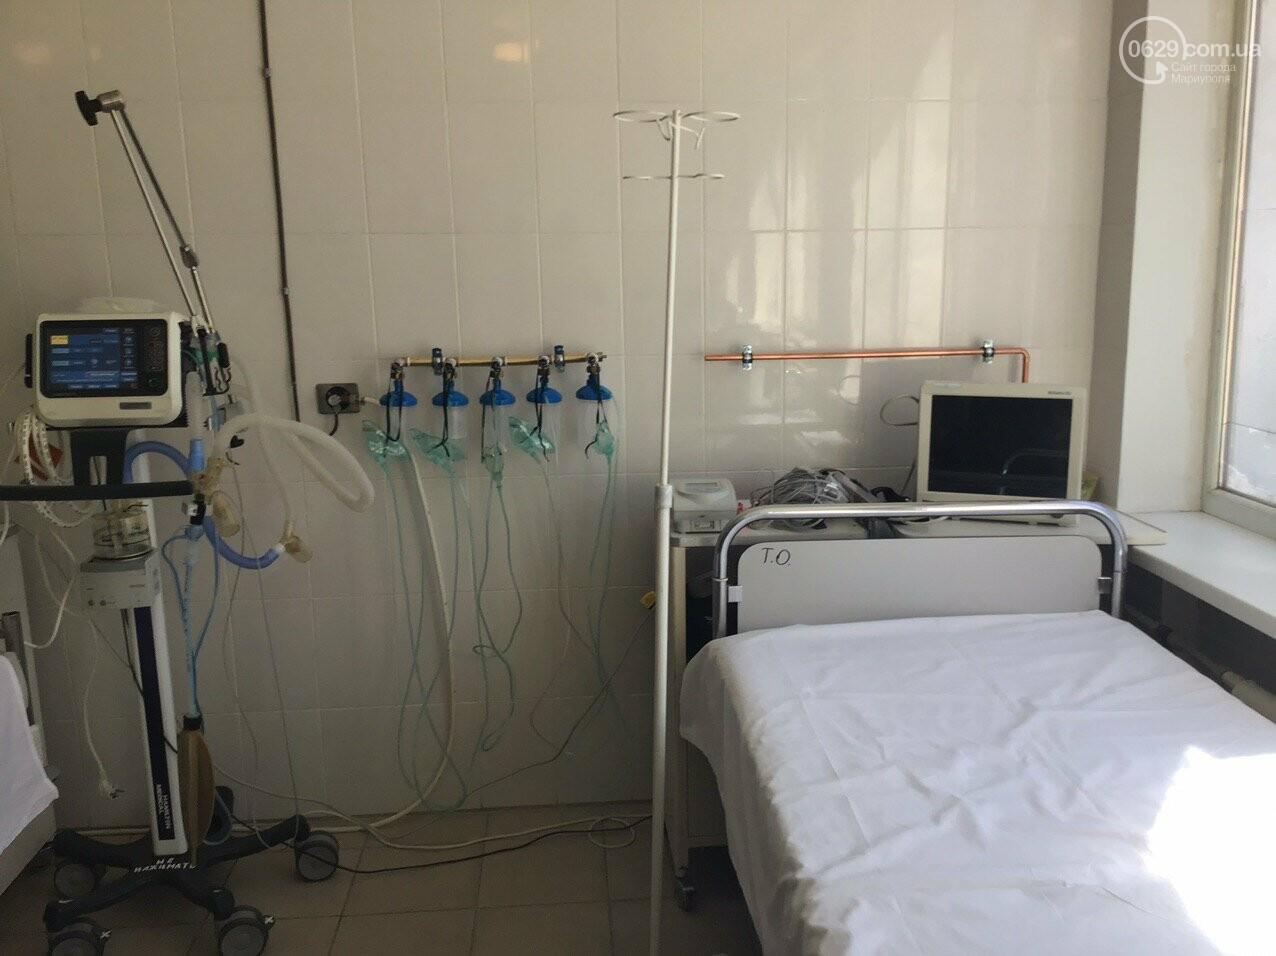 В Мариуполе проверили, насколько больницы города готовы к обострению ситуации с коронавирусом, - ФОТО, ВИДЕО, фото-11